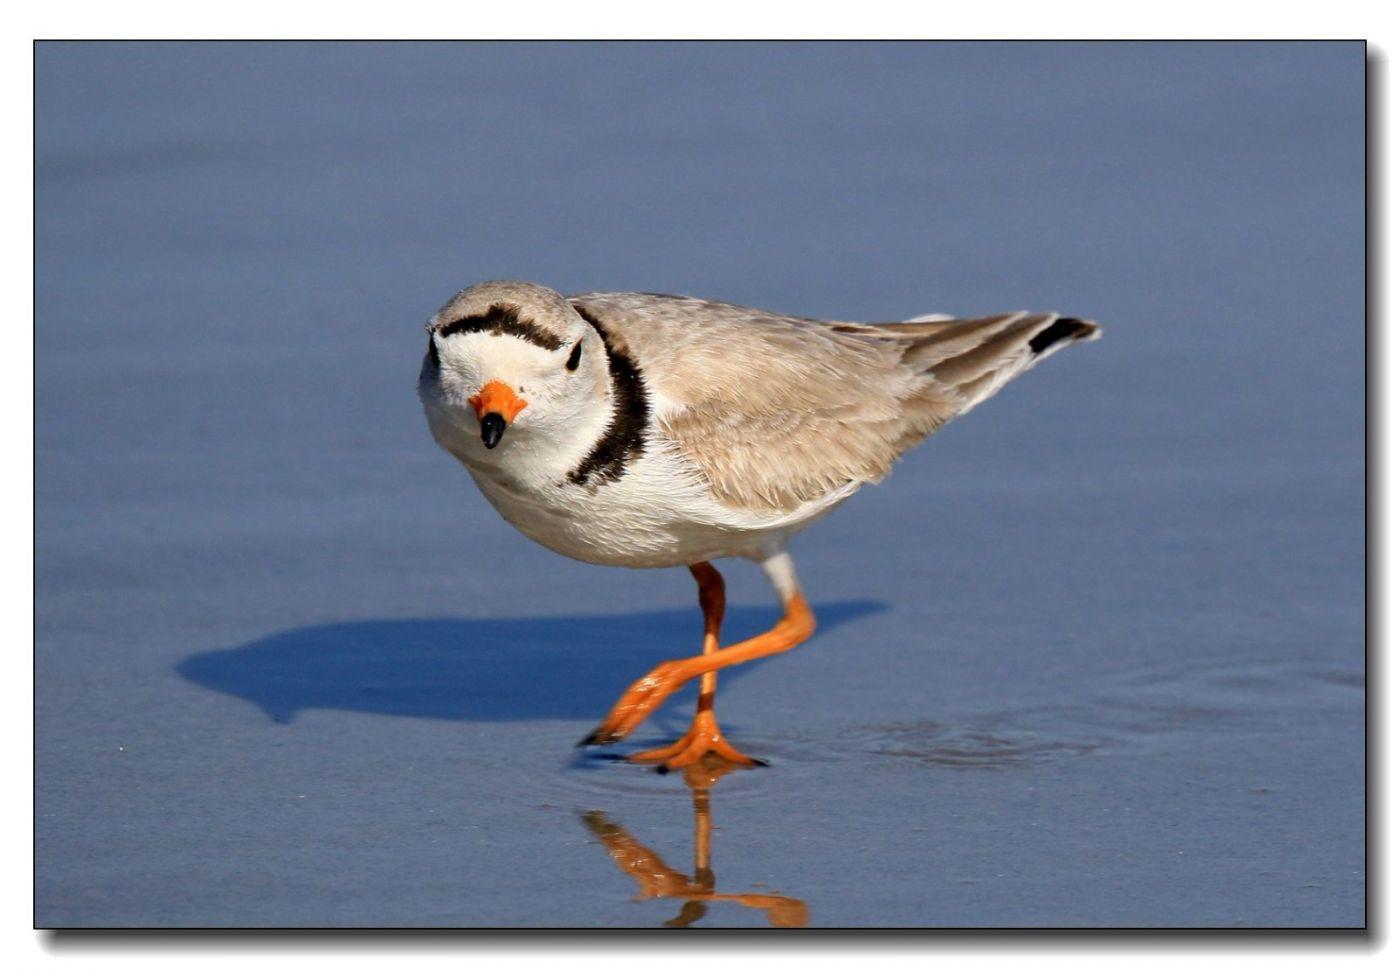 洛克威海滩拍鸟—环颈鸻_图1-11